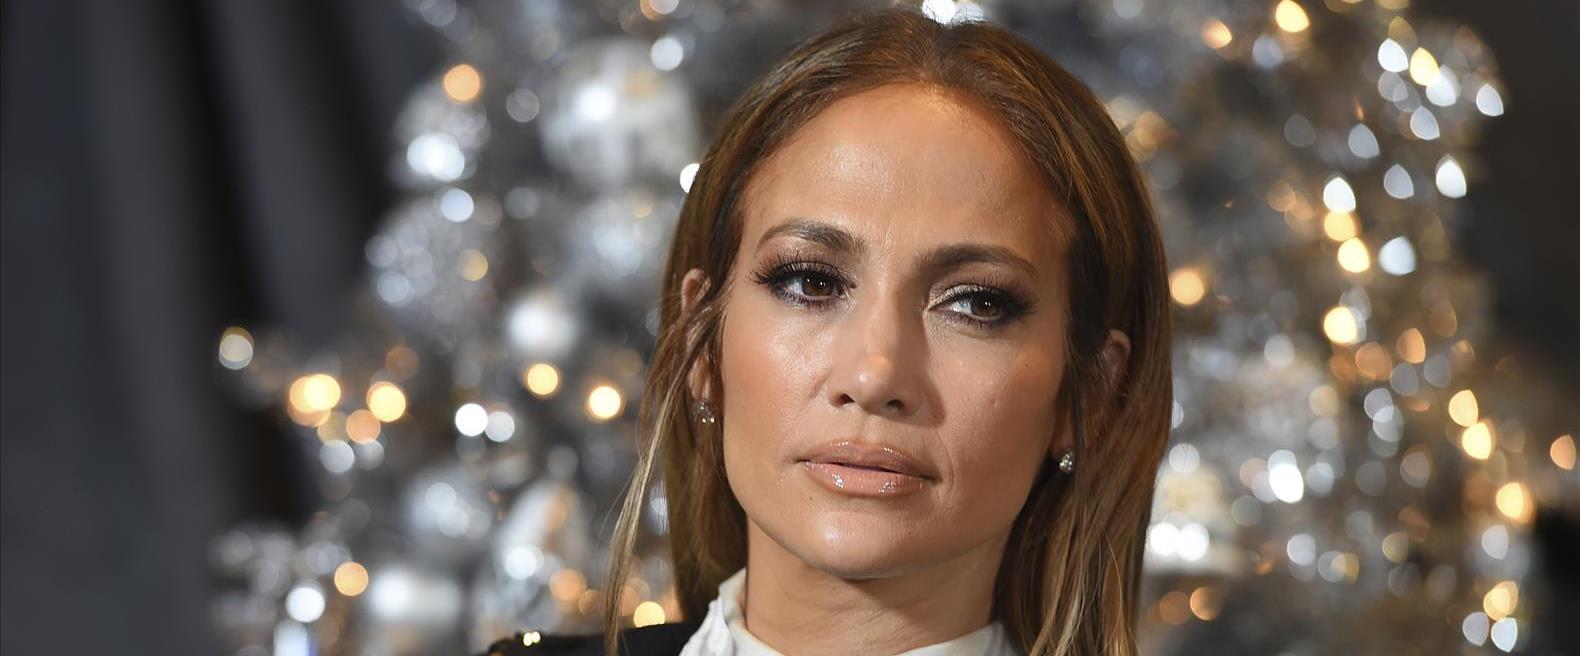 pour avoir chanté en Israël Jennifer Lopez son concert en Egypte a été annulé